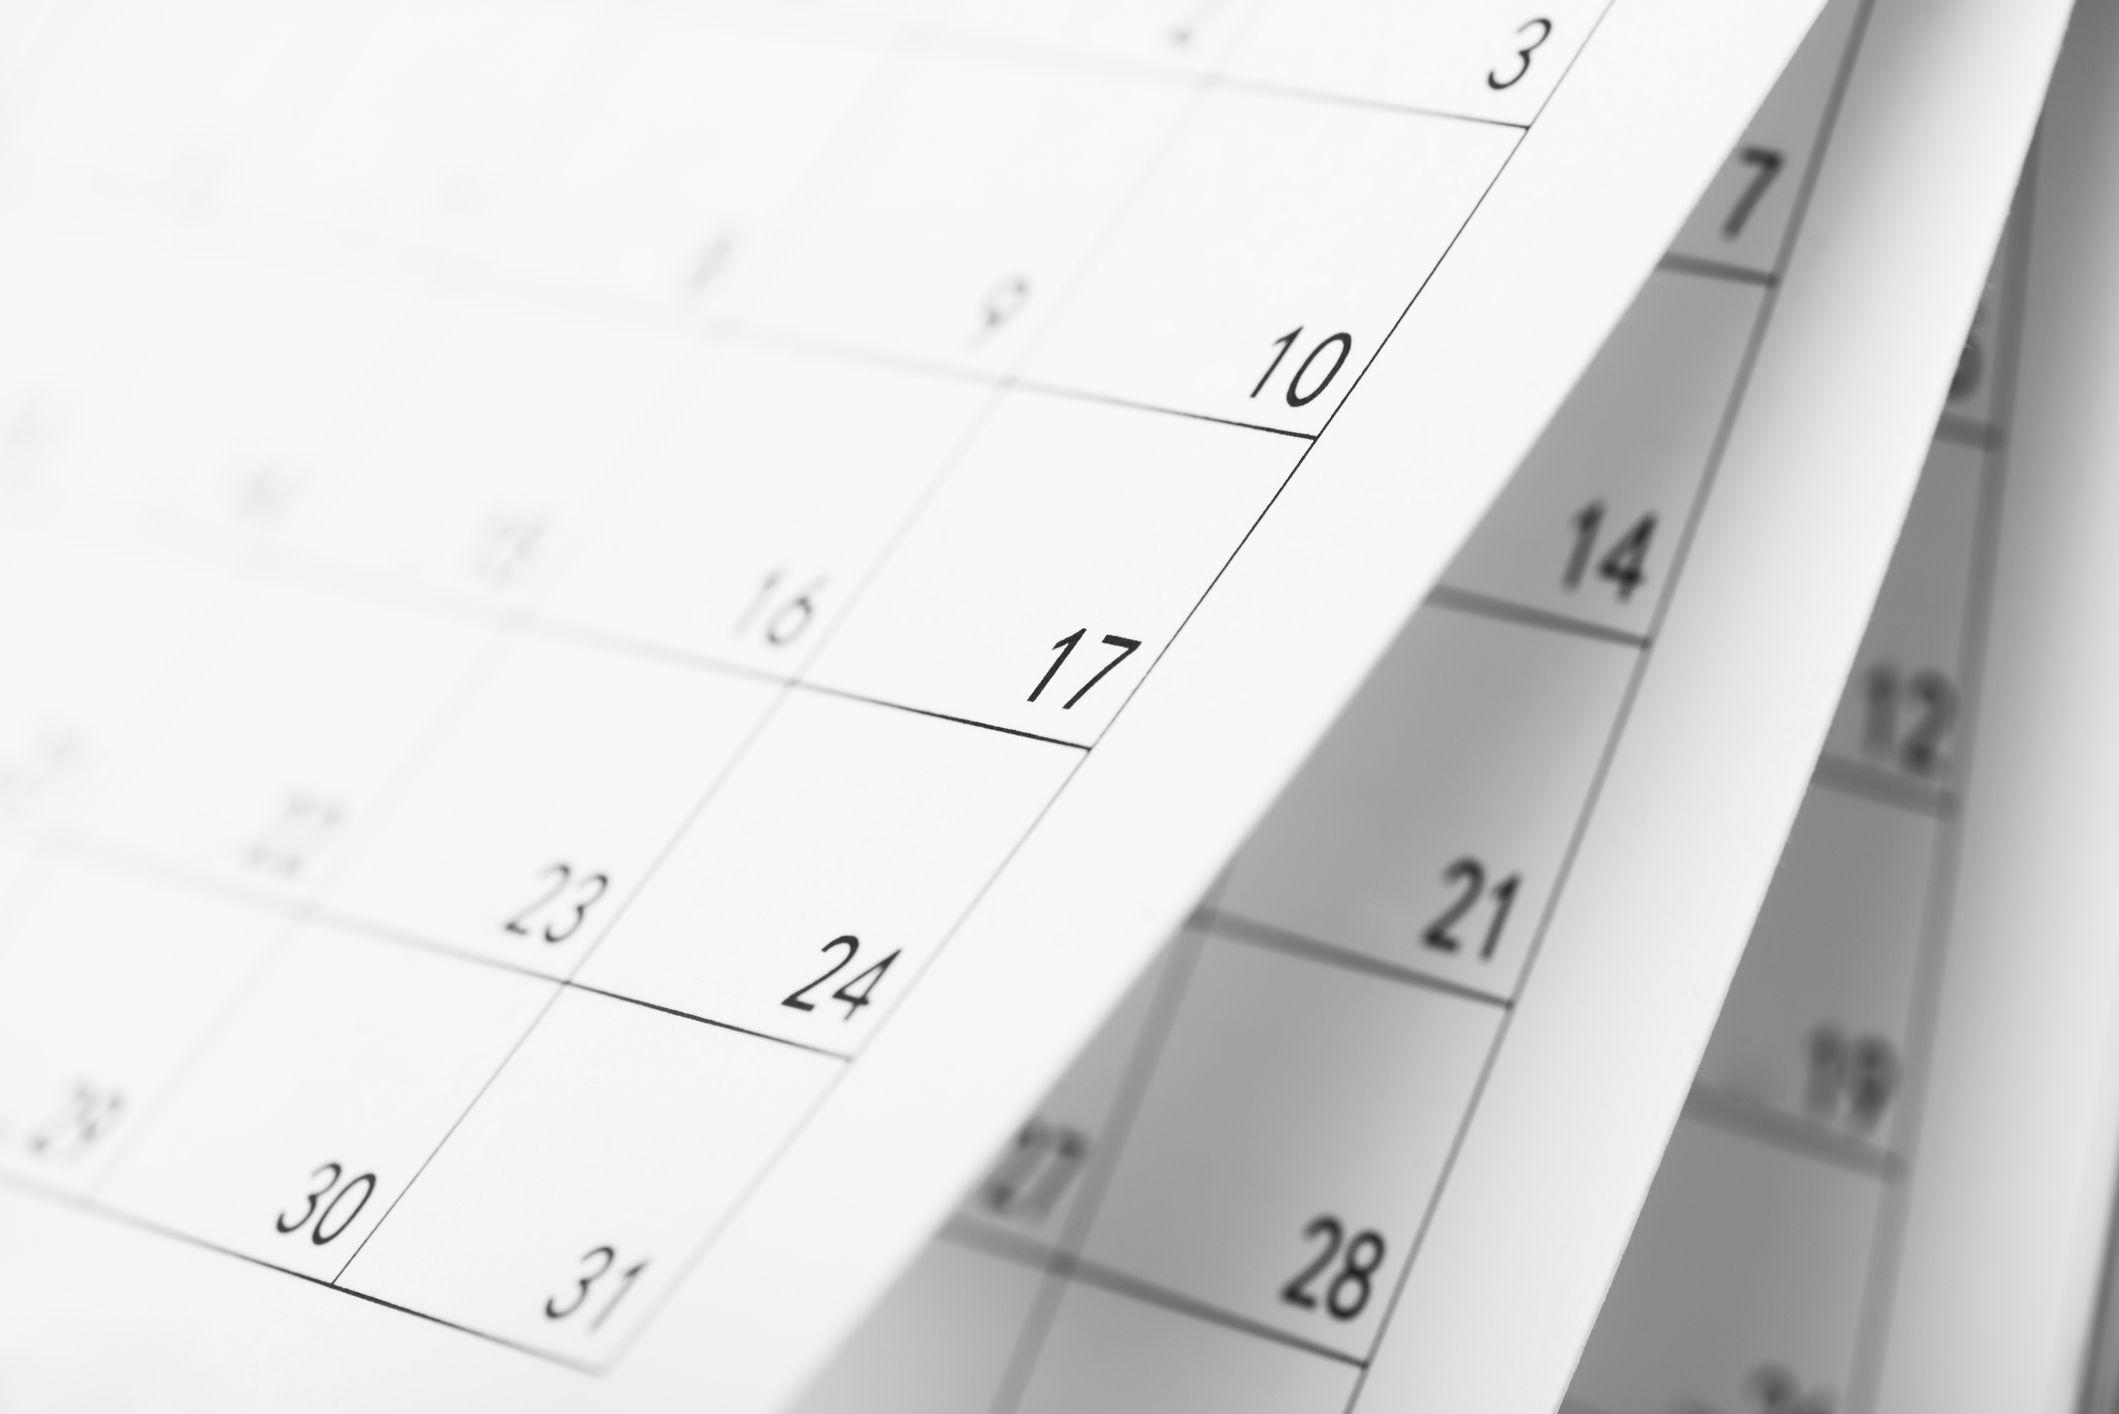 An image of a calendar.